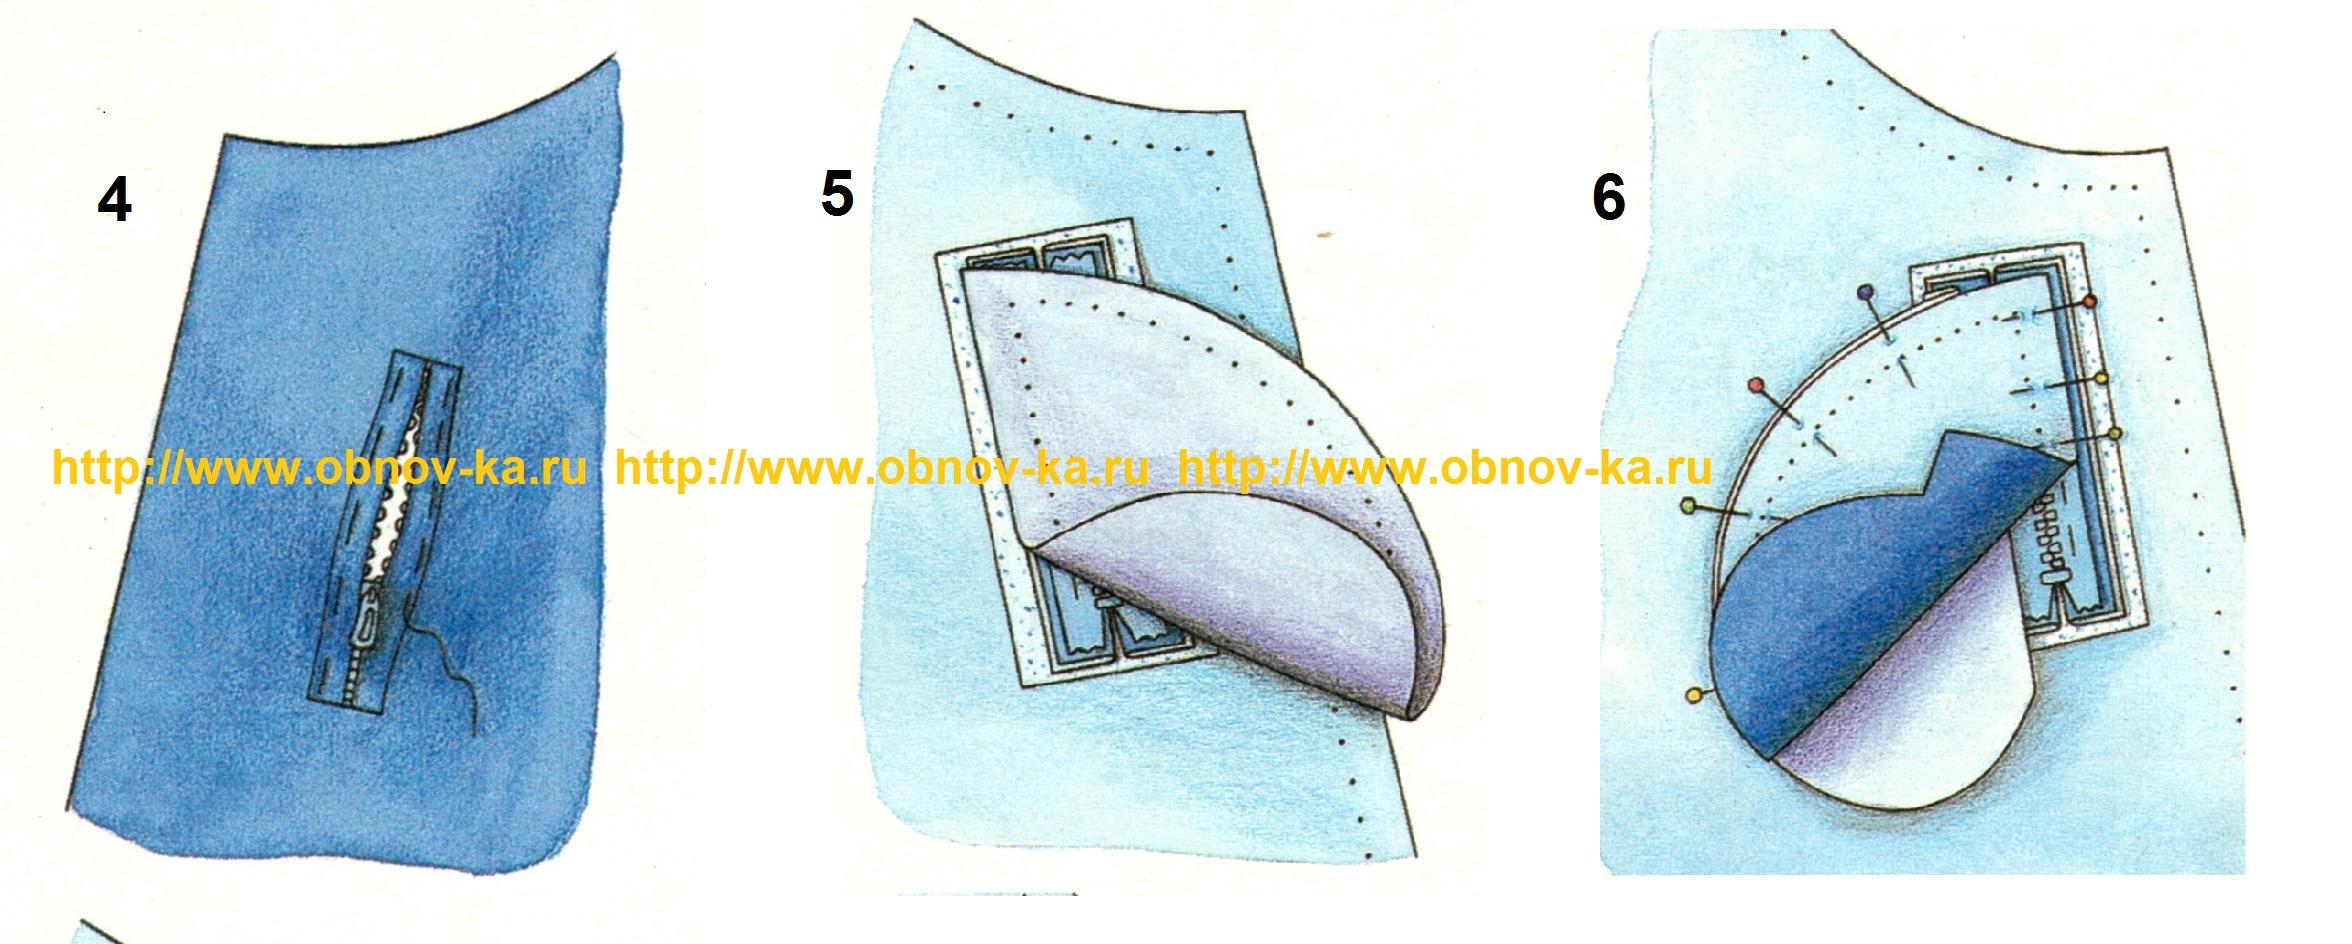 Пасхальные коробочки схемы